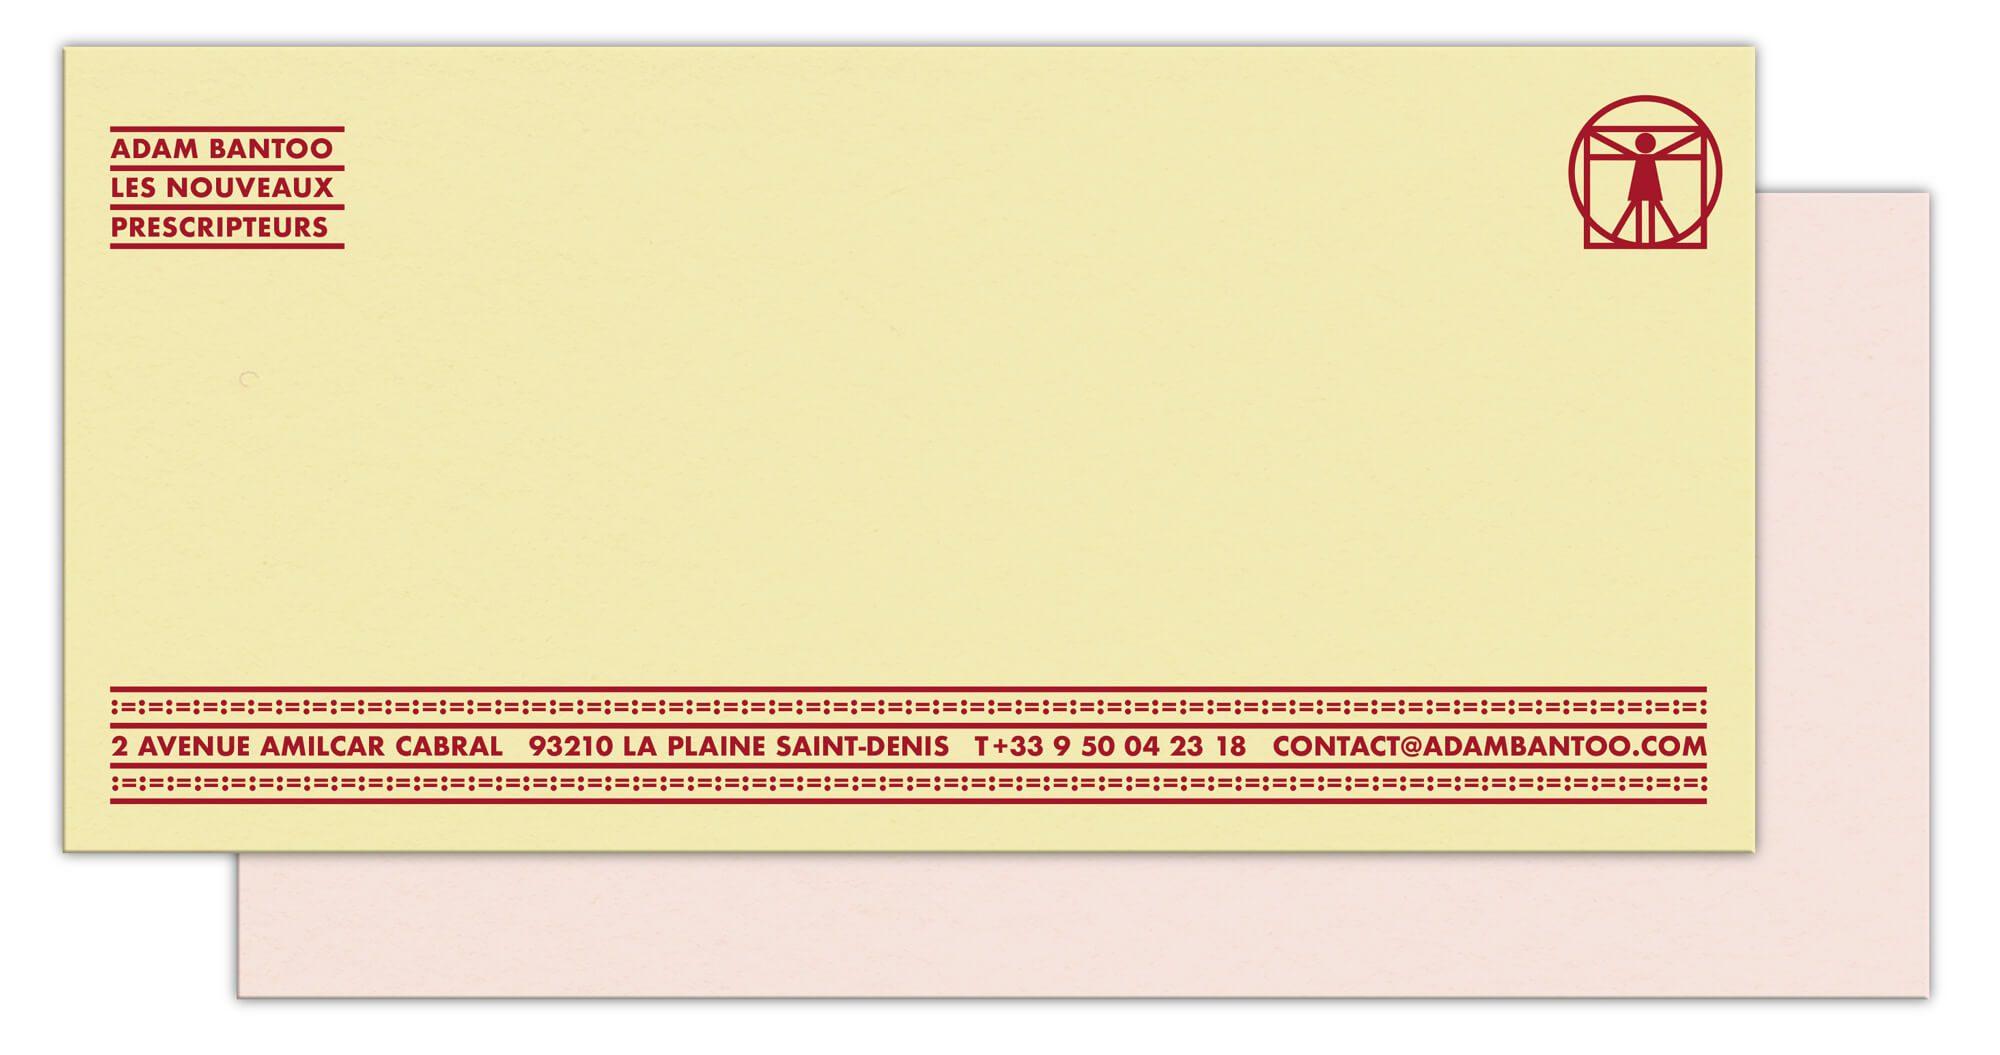 une identité afro-ascii La carte de correspondance du cabinet de conseil en stratégie Adam Bantoo, jaune et rose pale, motif typographique rouge, design IchetKar